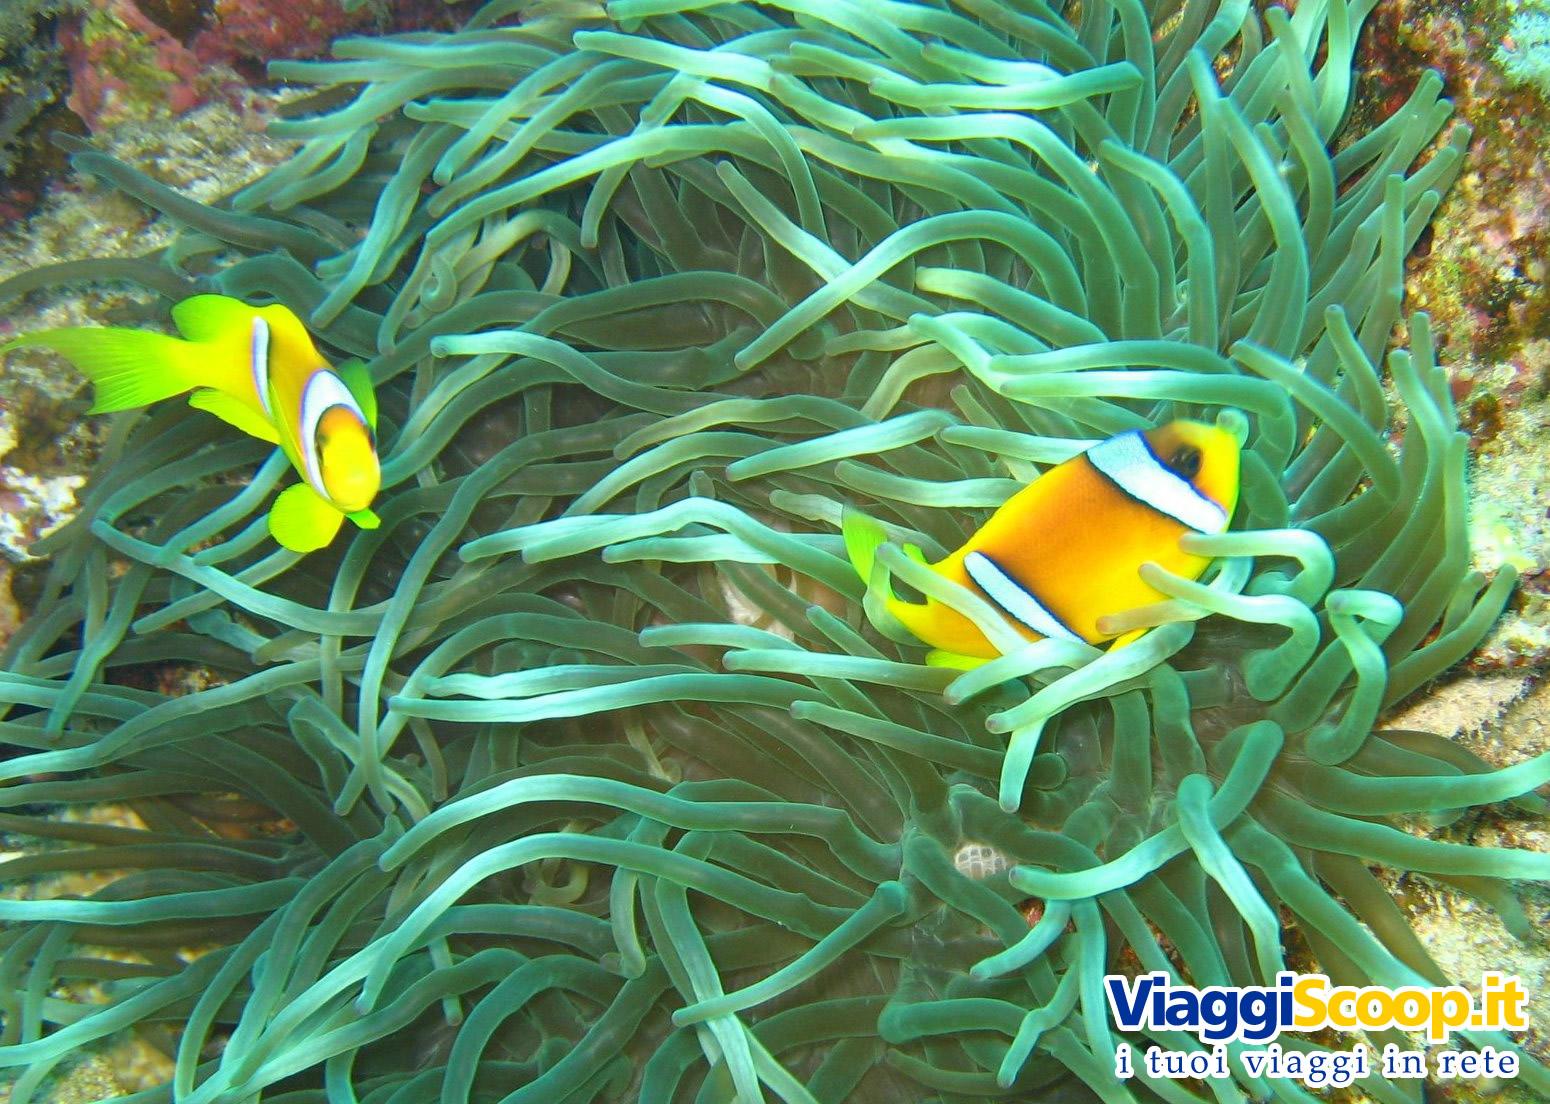 Sfondi desktop tropicali fondali marini pesci for Immagini coralli marini